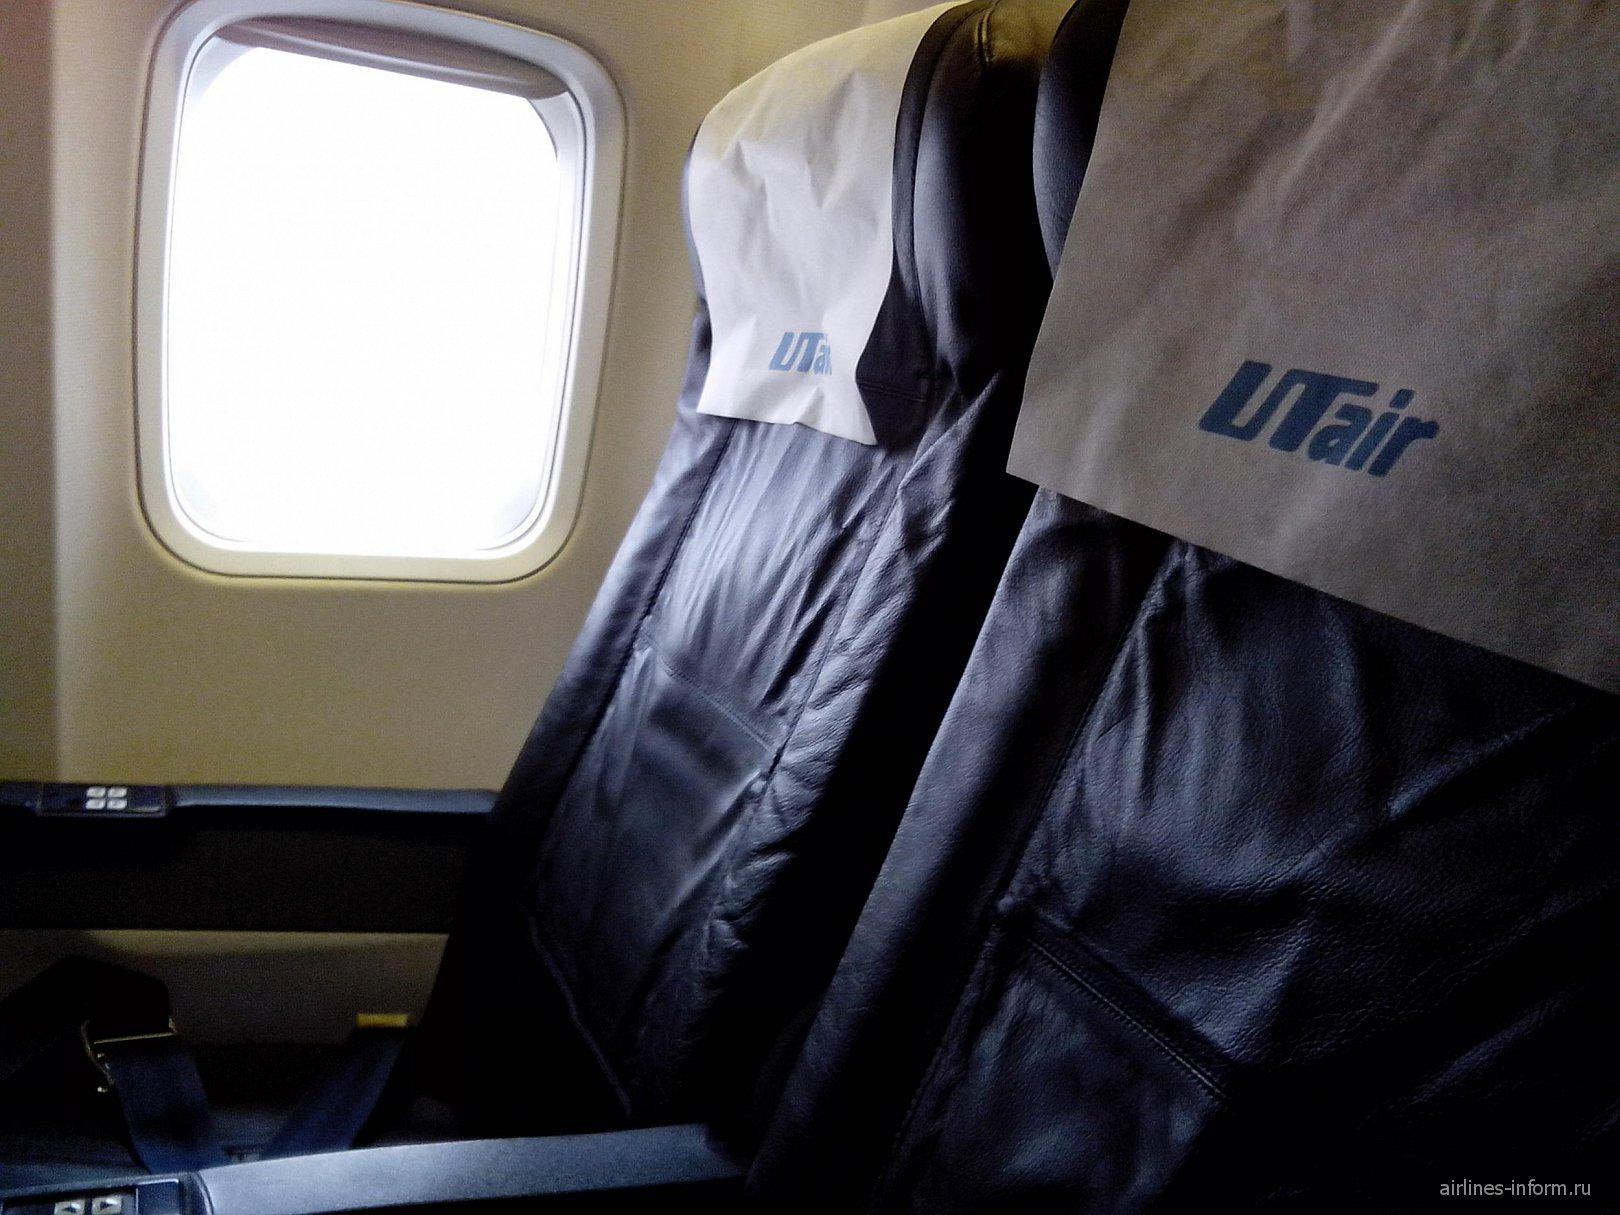 Чартерный рейс Омск-Анталия с Ютэйр